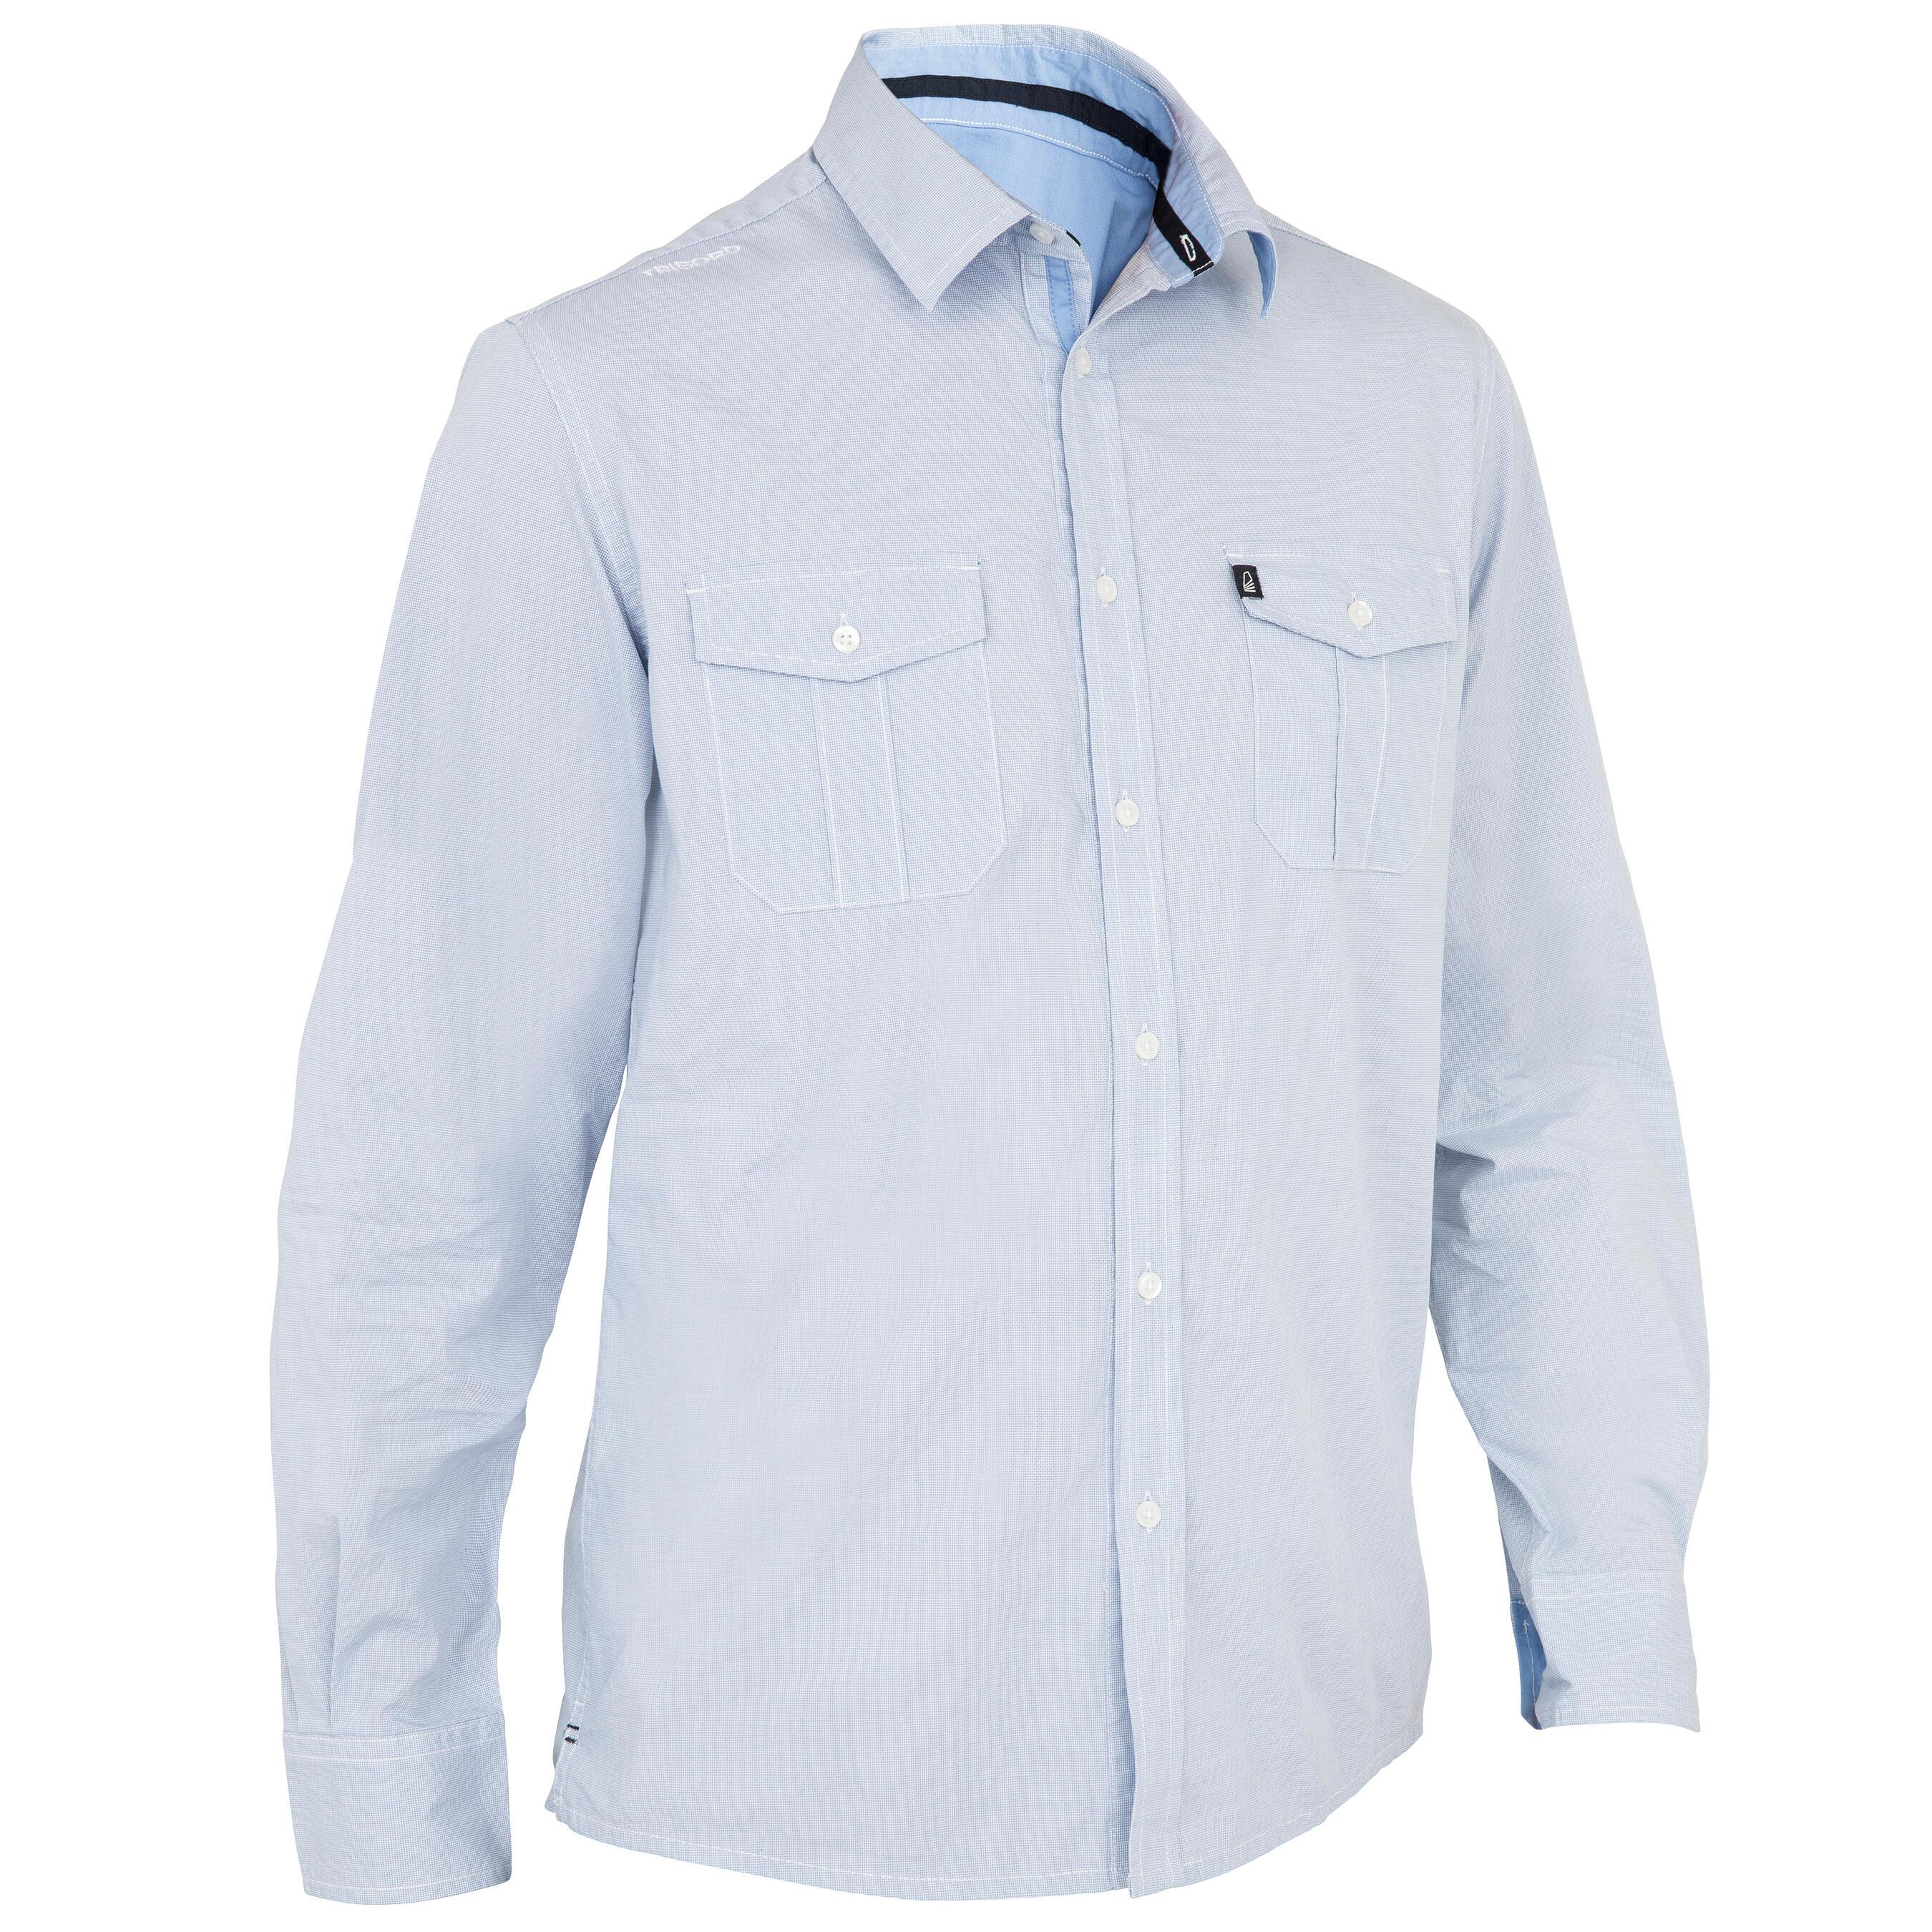 Overhemd Kopen.Tribord Heren Overhemd 100 Voor Zeilen Blauw Kopen Met Voordeel